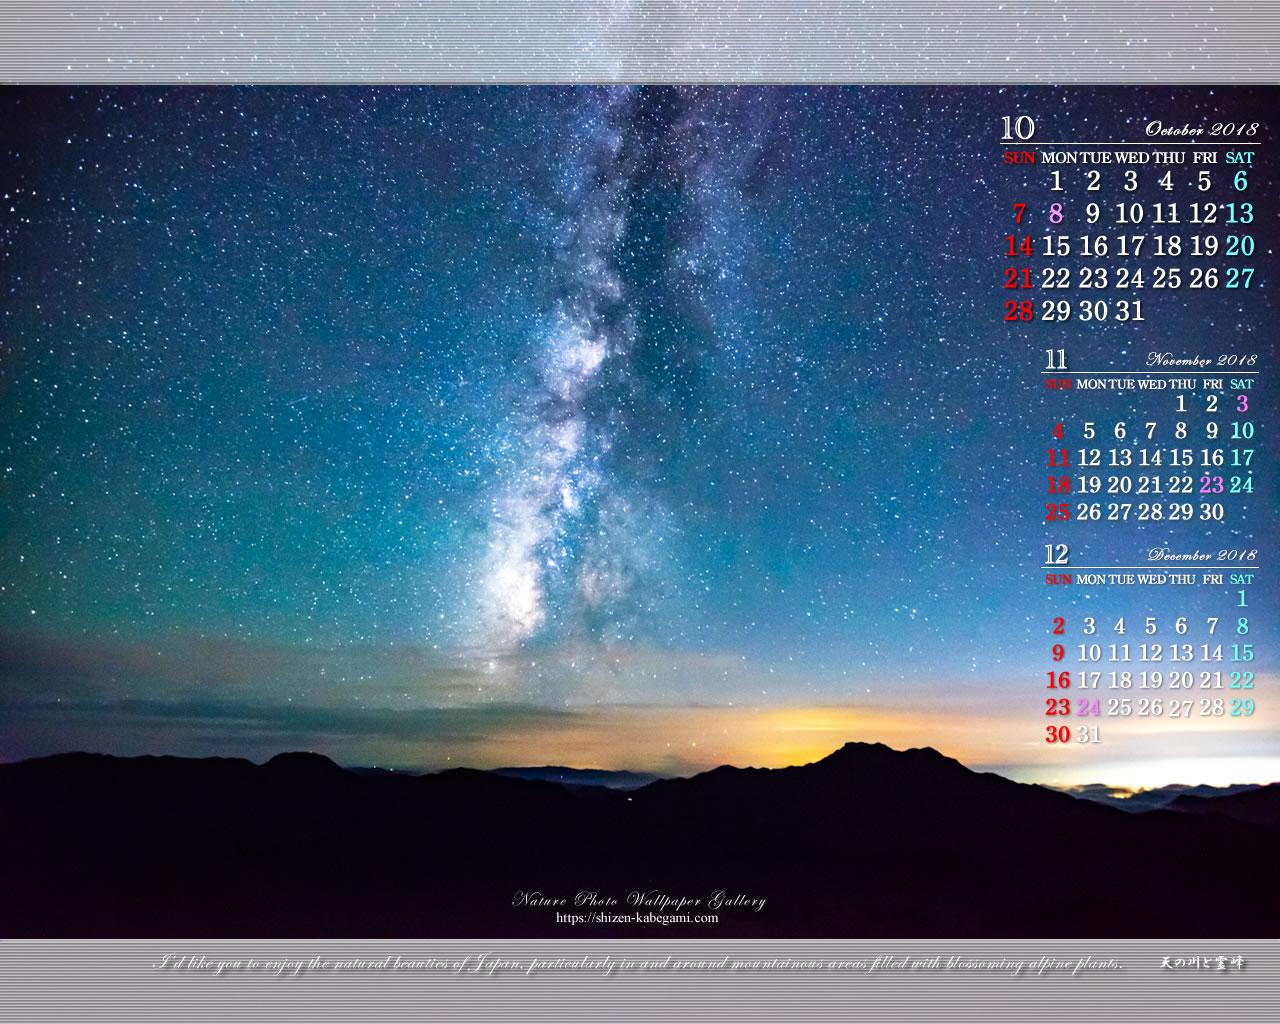 10月カレンダー壁紙 天の川 星景写真 ネイチャーフォト壁紙館